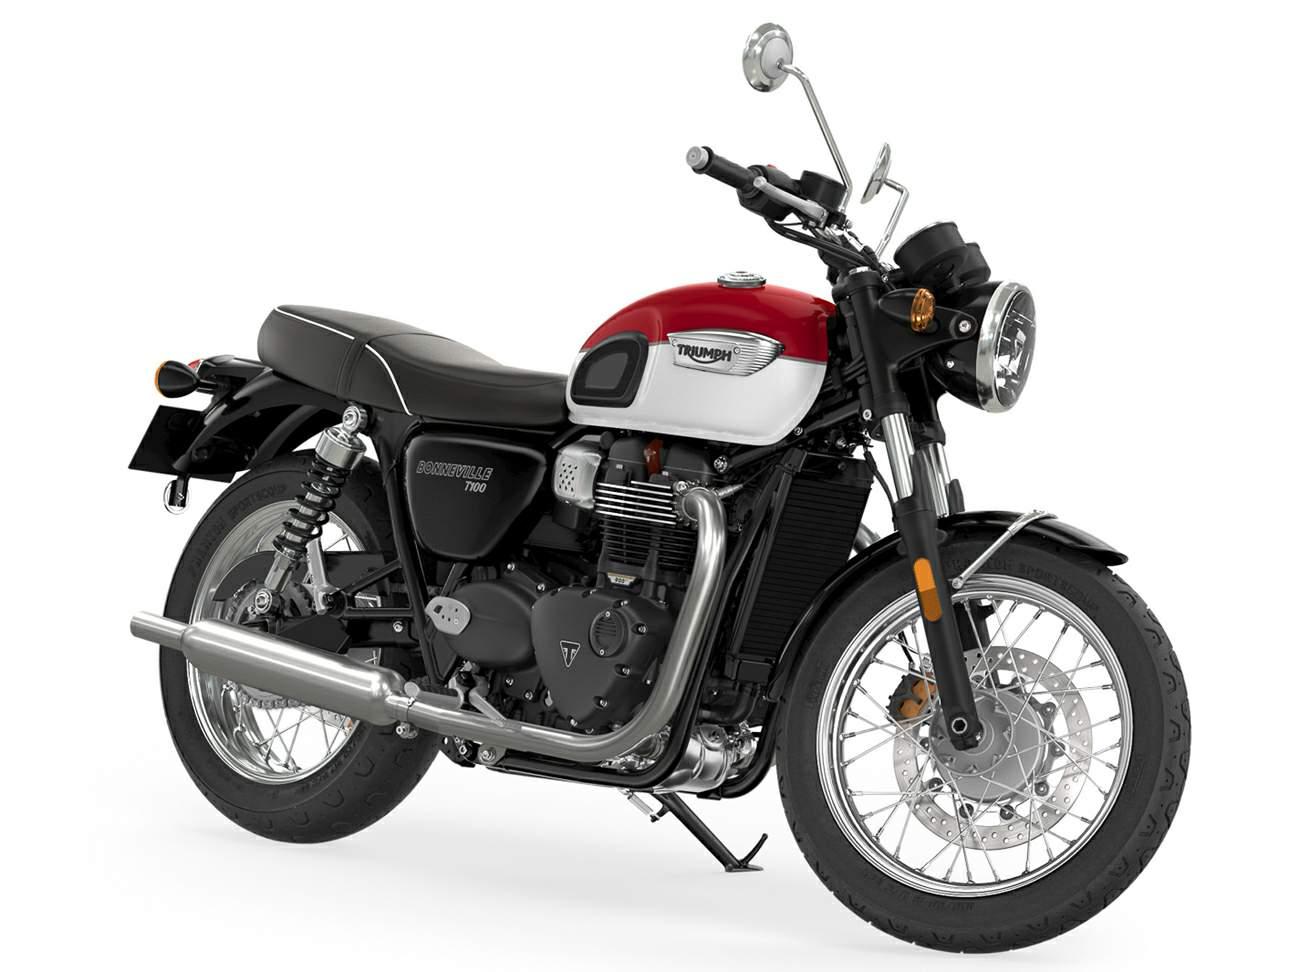 Triumph Bonneville T100 technical specifications